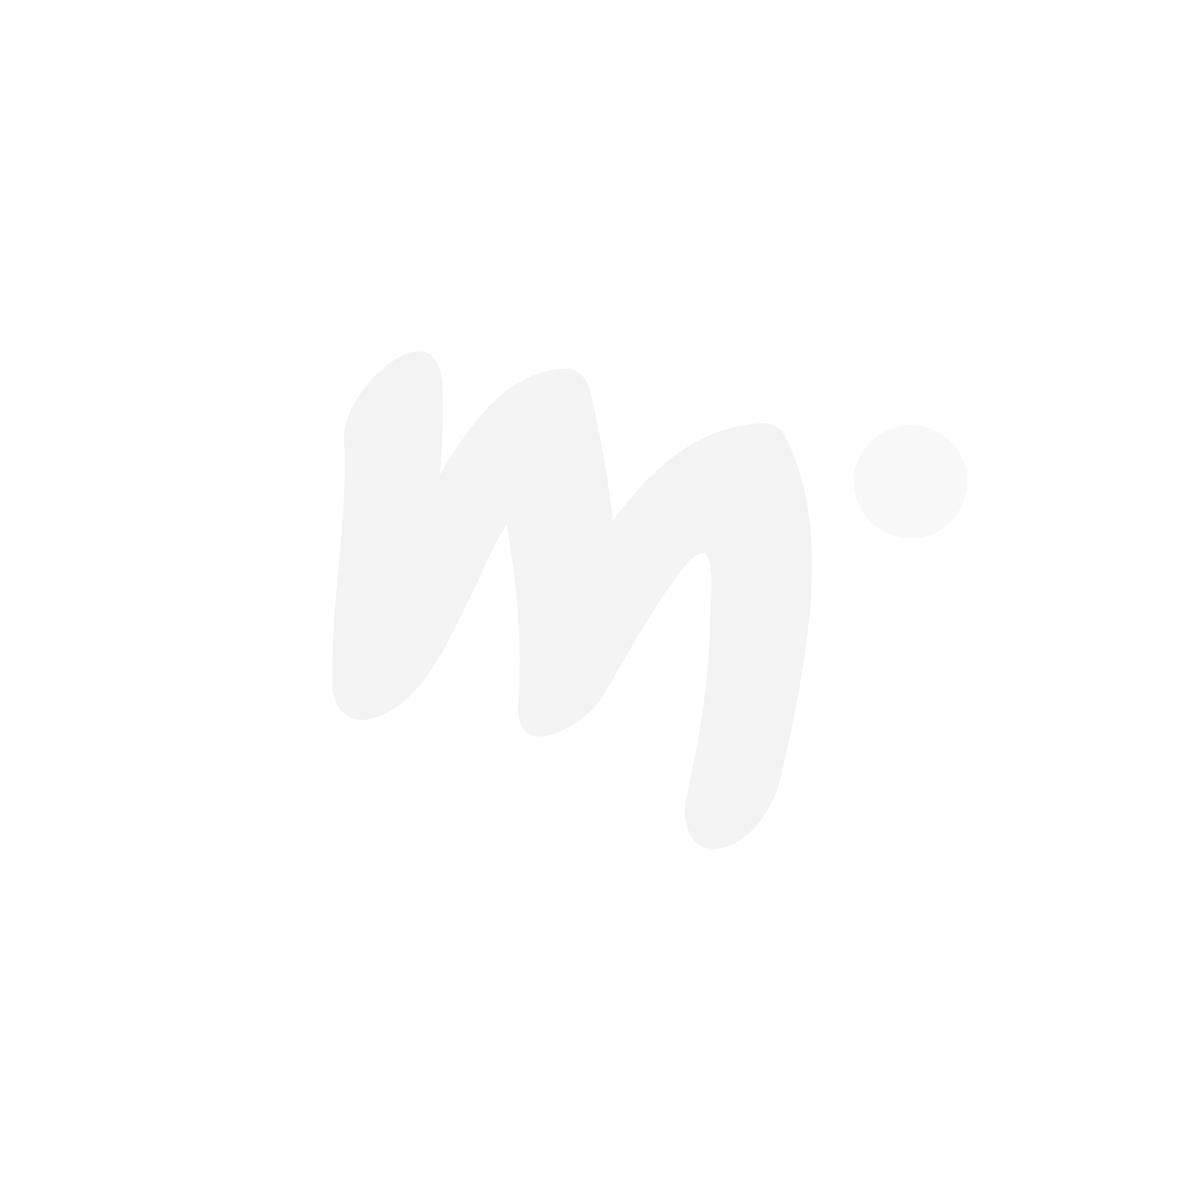 Muumi Launo-laukku Myy haaveilee värikäs